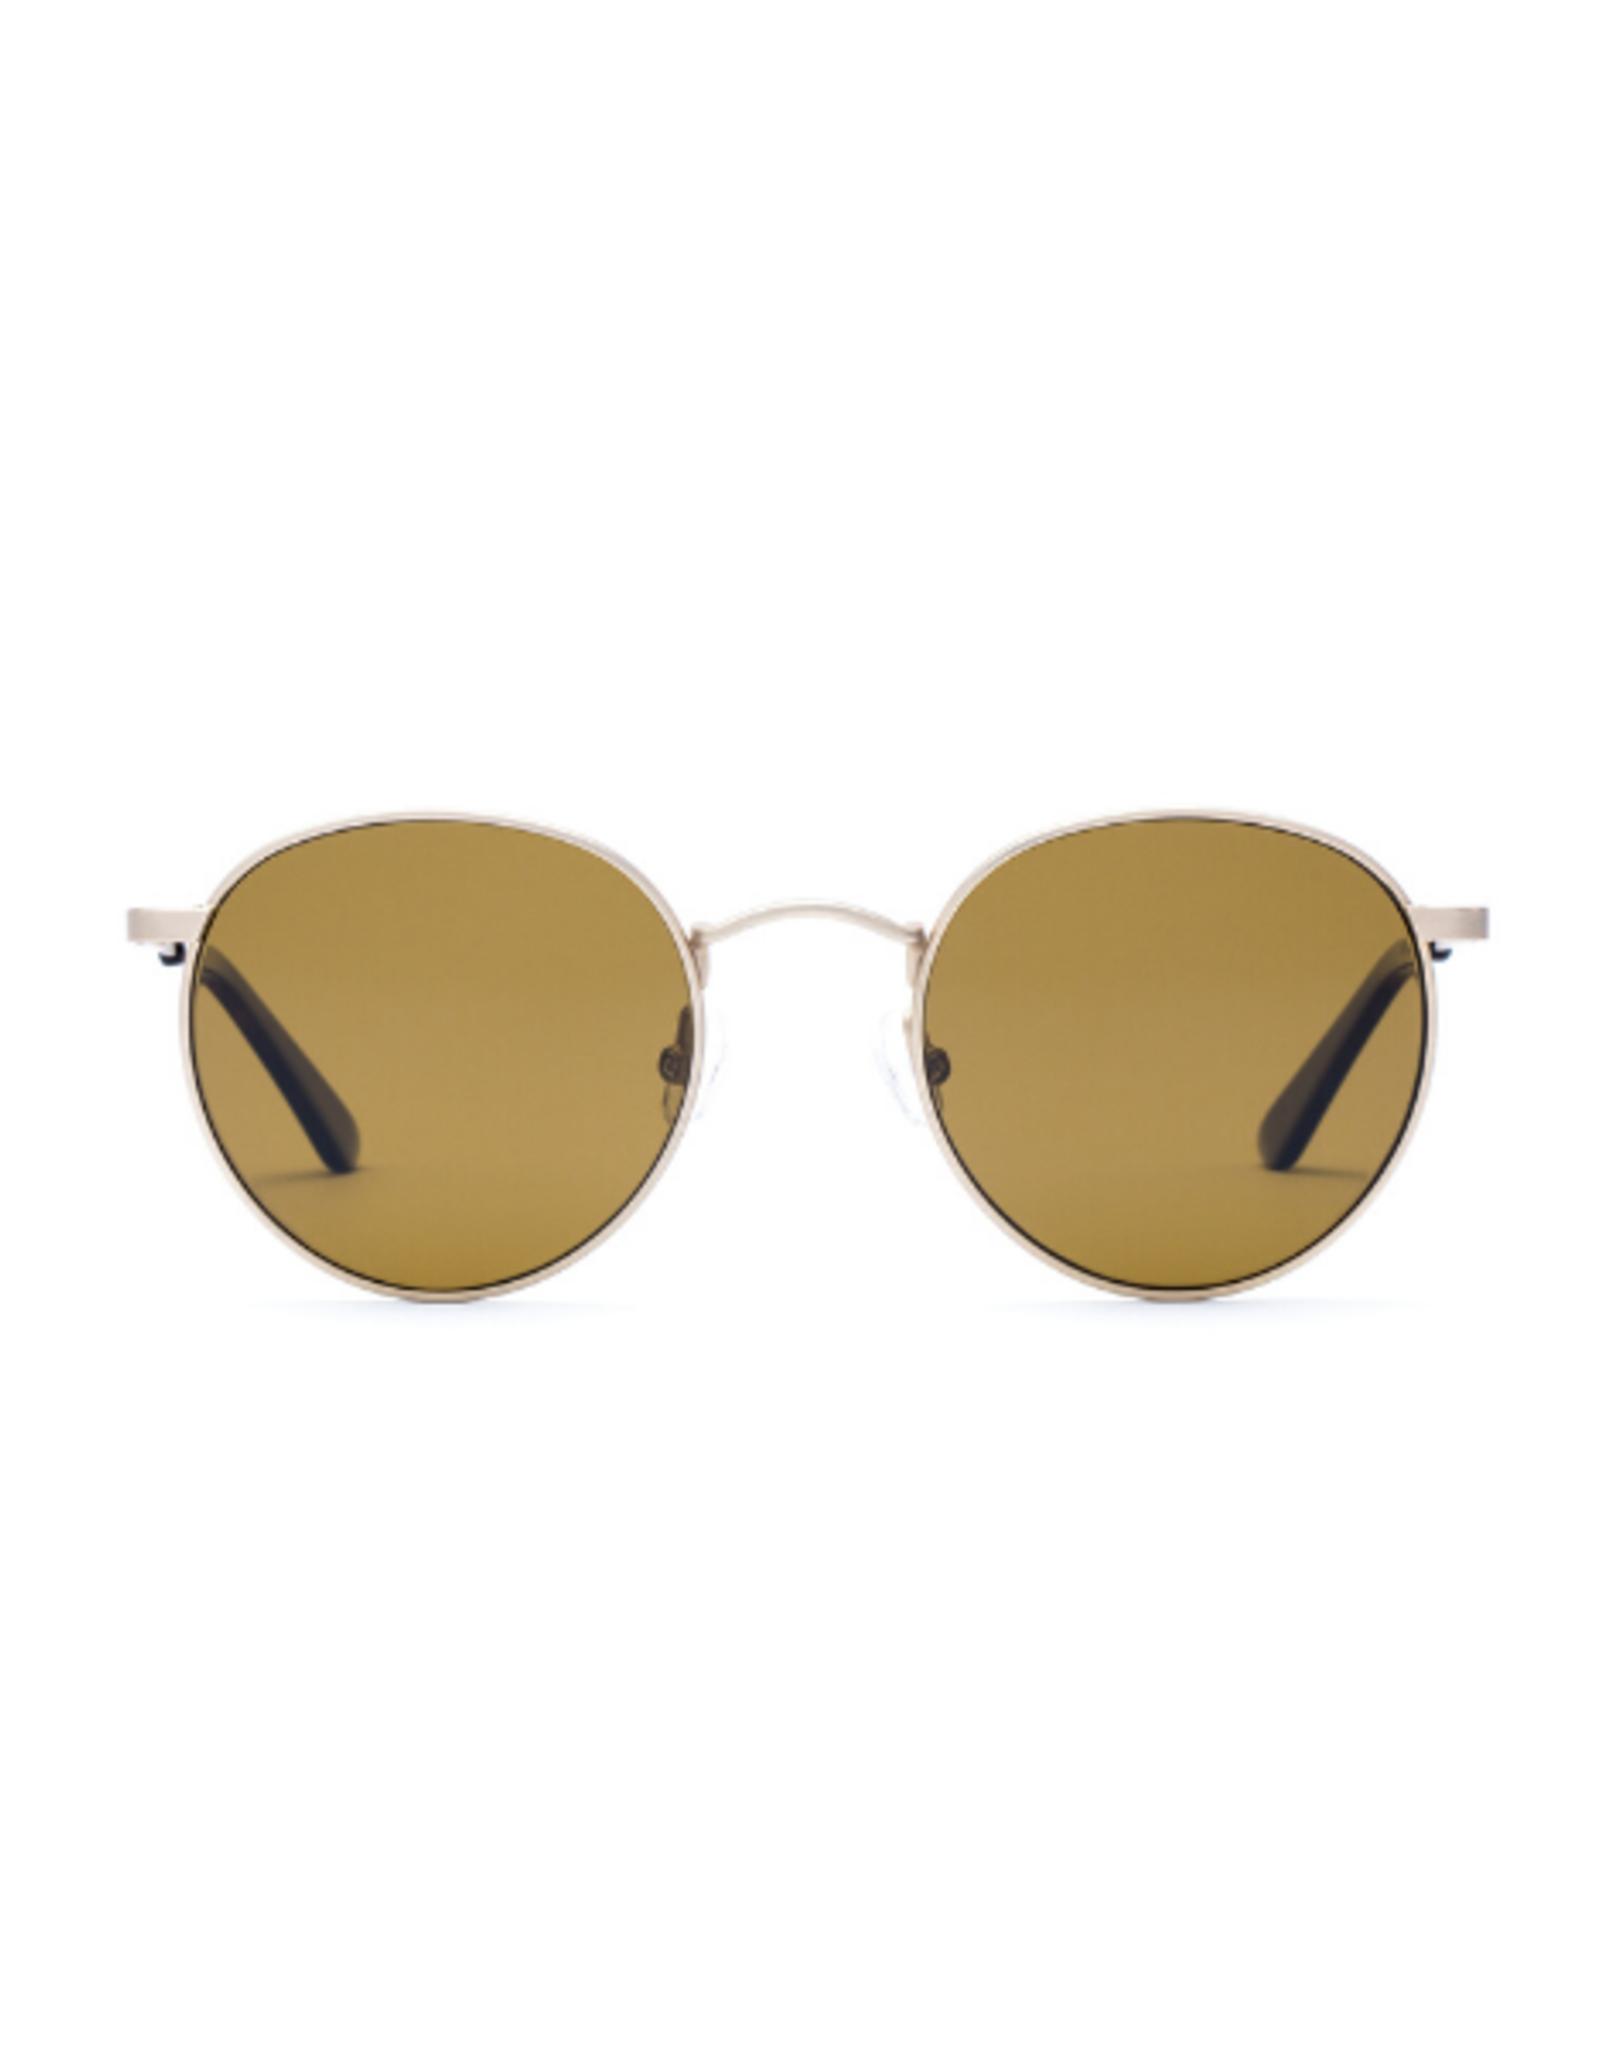 Otis Eyewear 134-2002P Flint Brushed Gold/Brown Polar